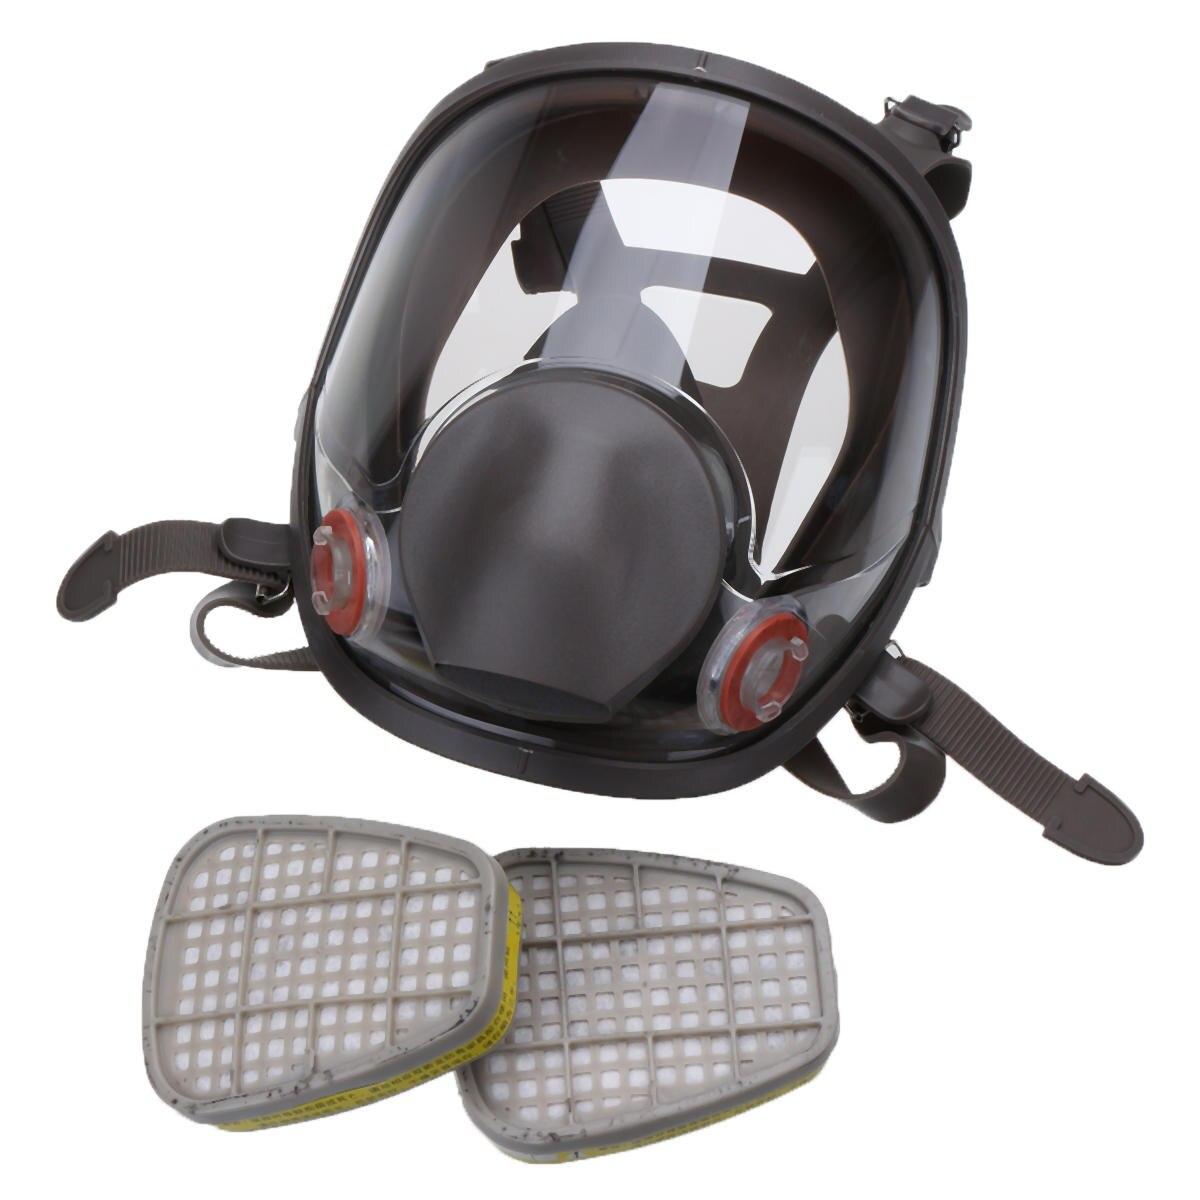 3 en 1 costume peinture pulvérisation similaire pour Silicone visage complet masque respiratoire réutilisable 6800 gaz masque de protection - 6